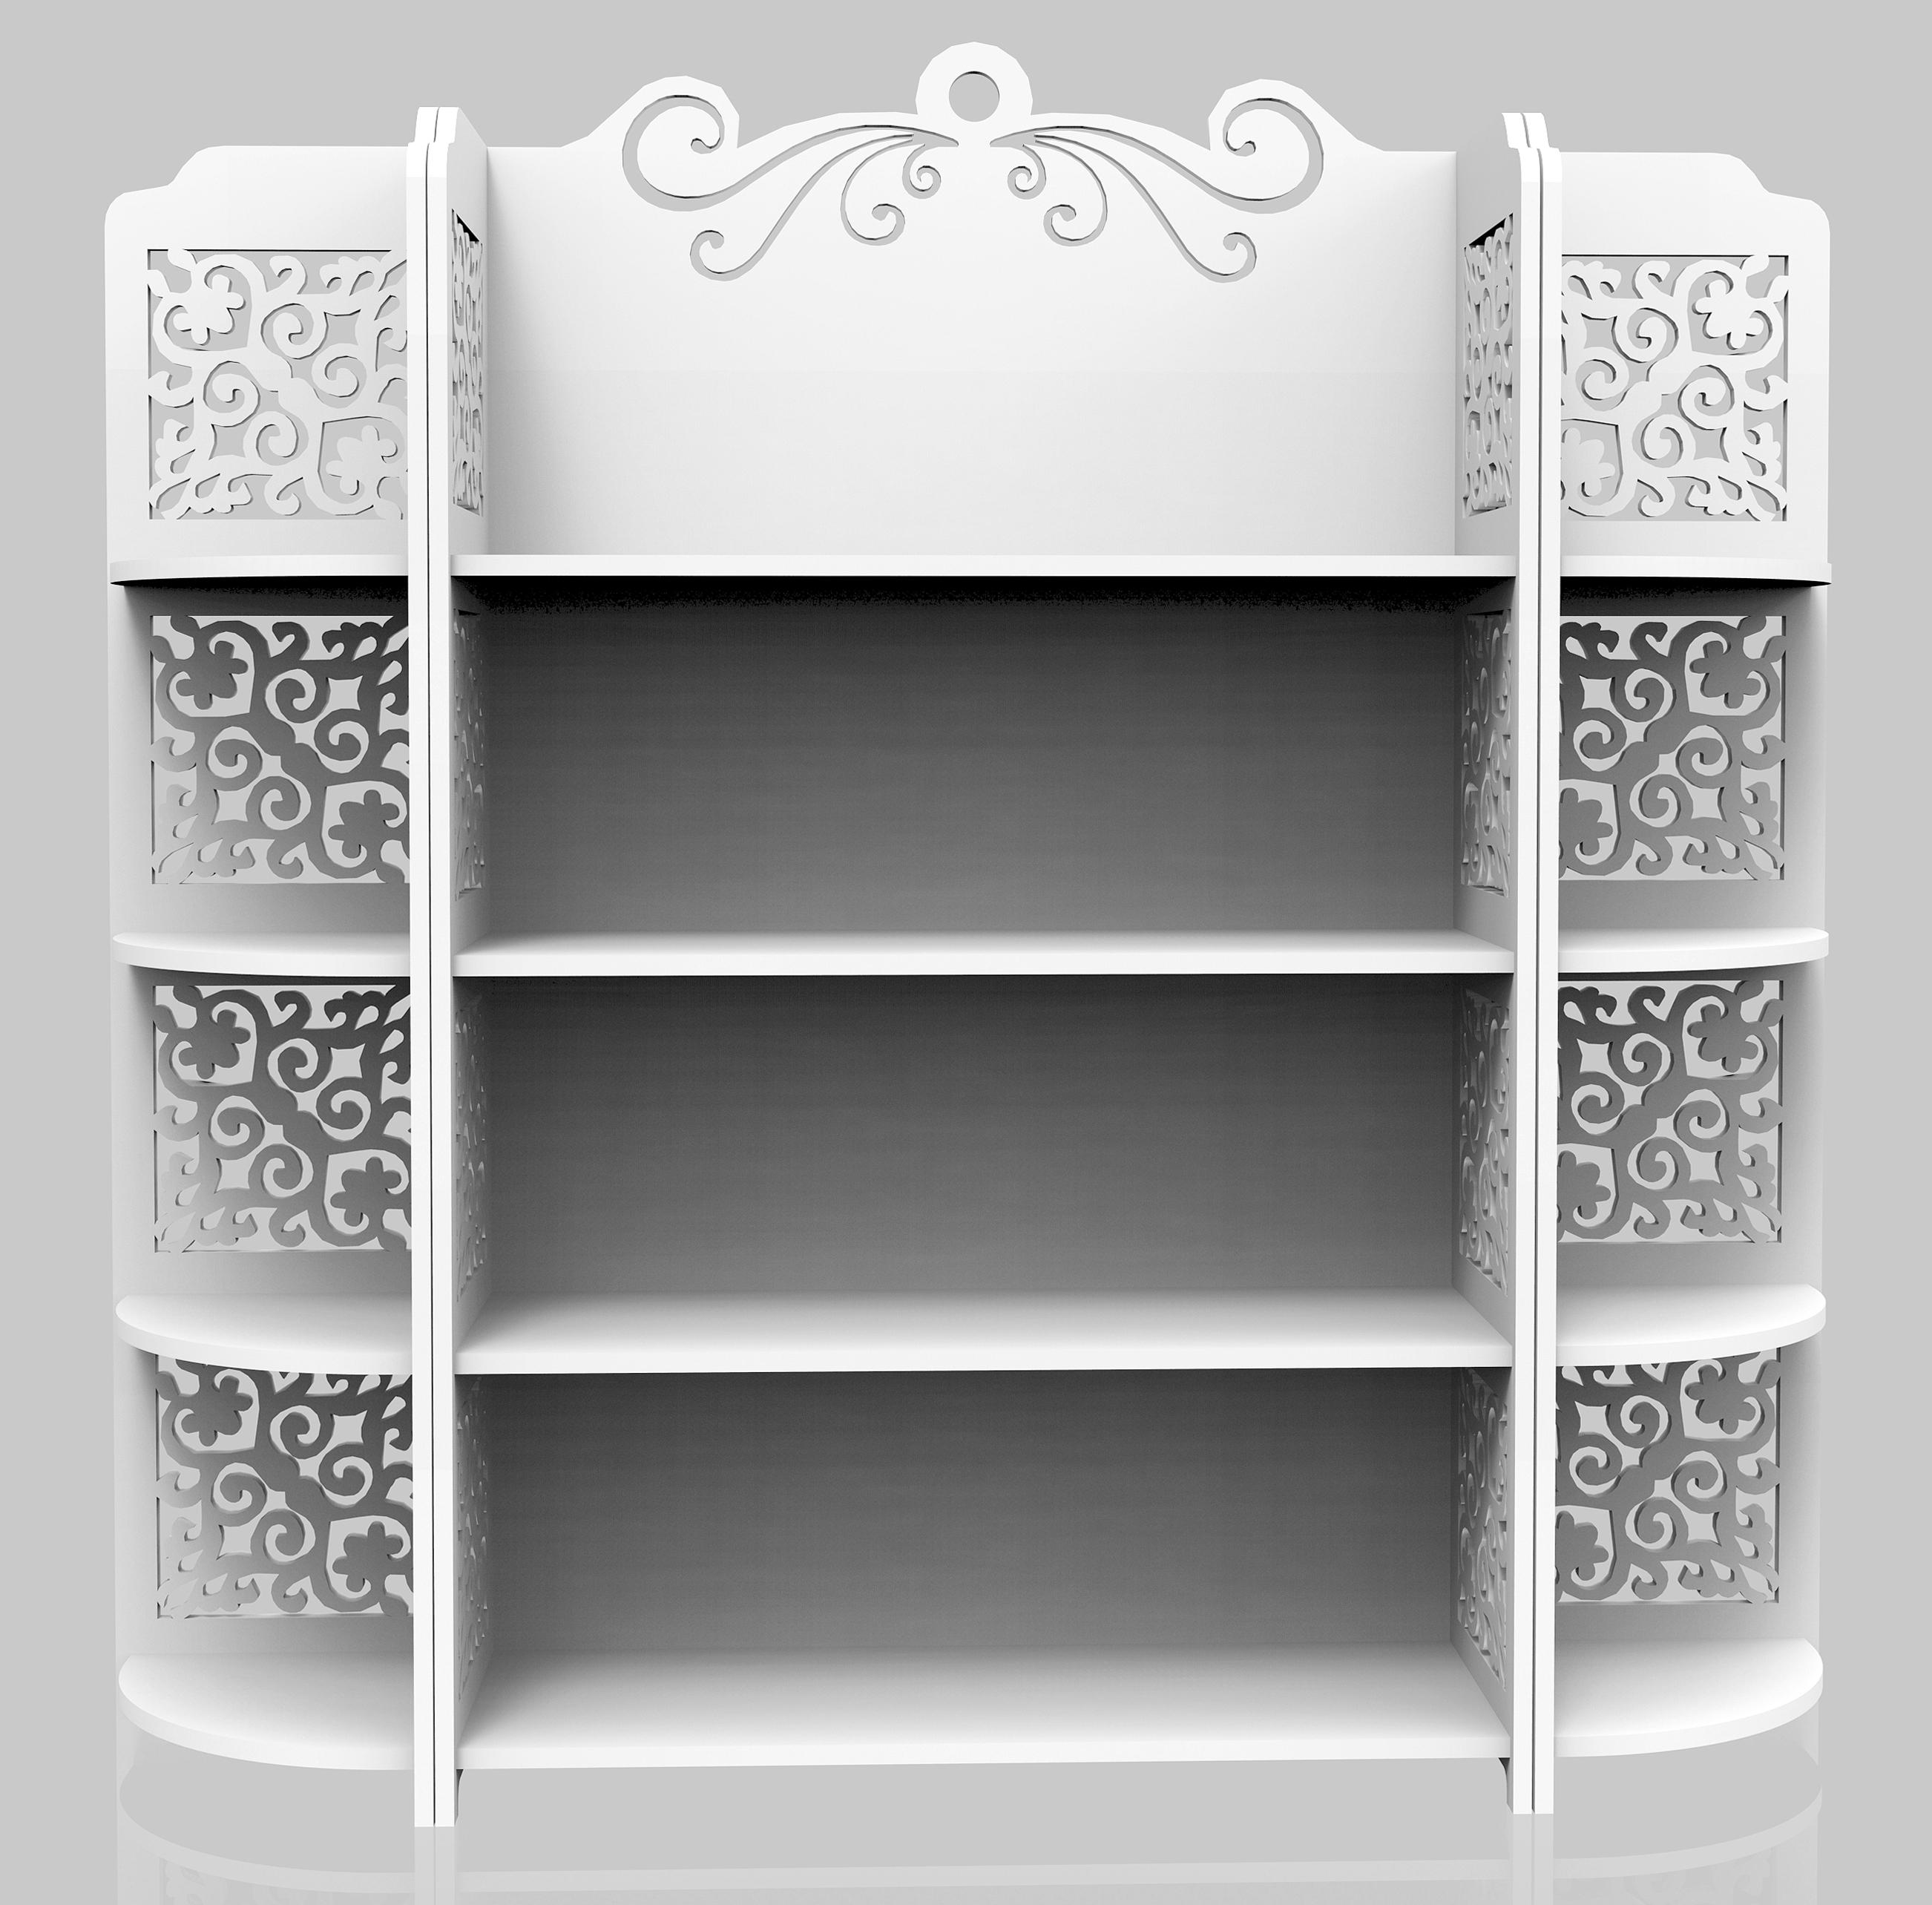 pvc foam board for shelf